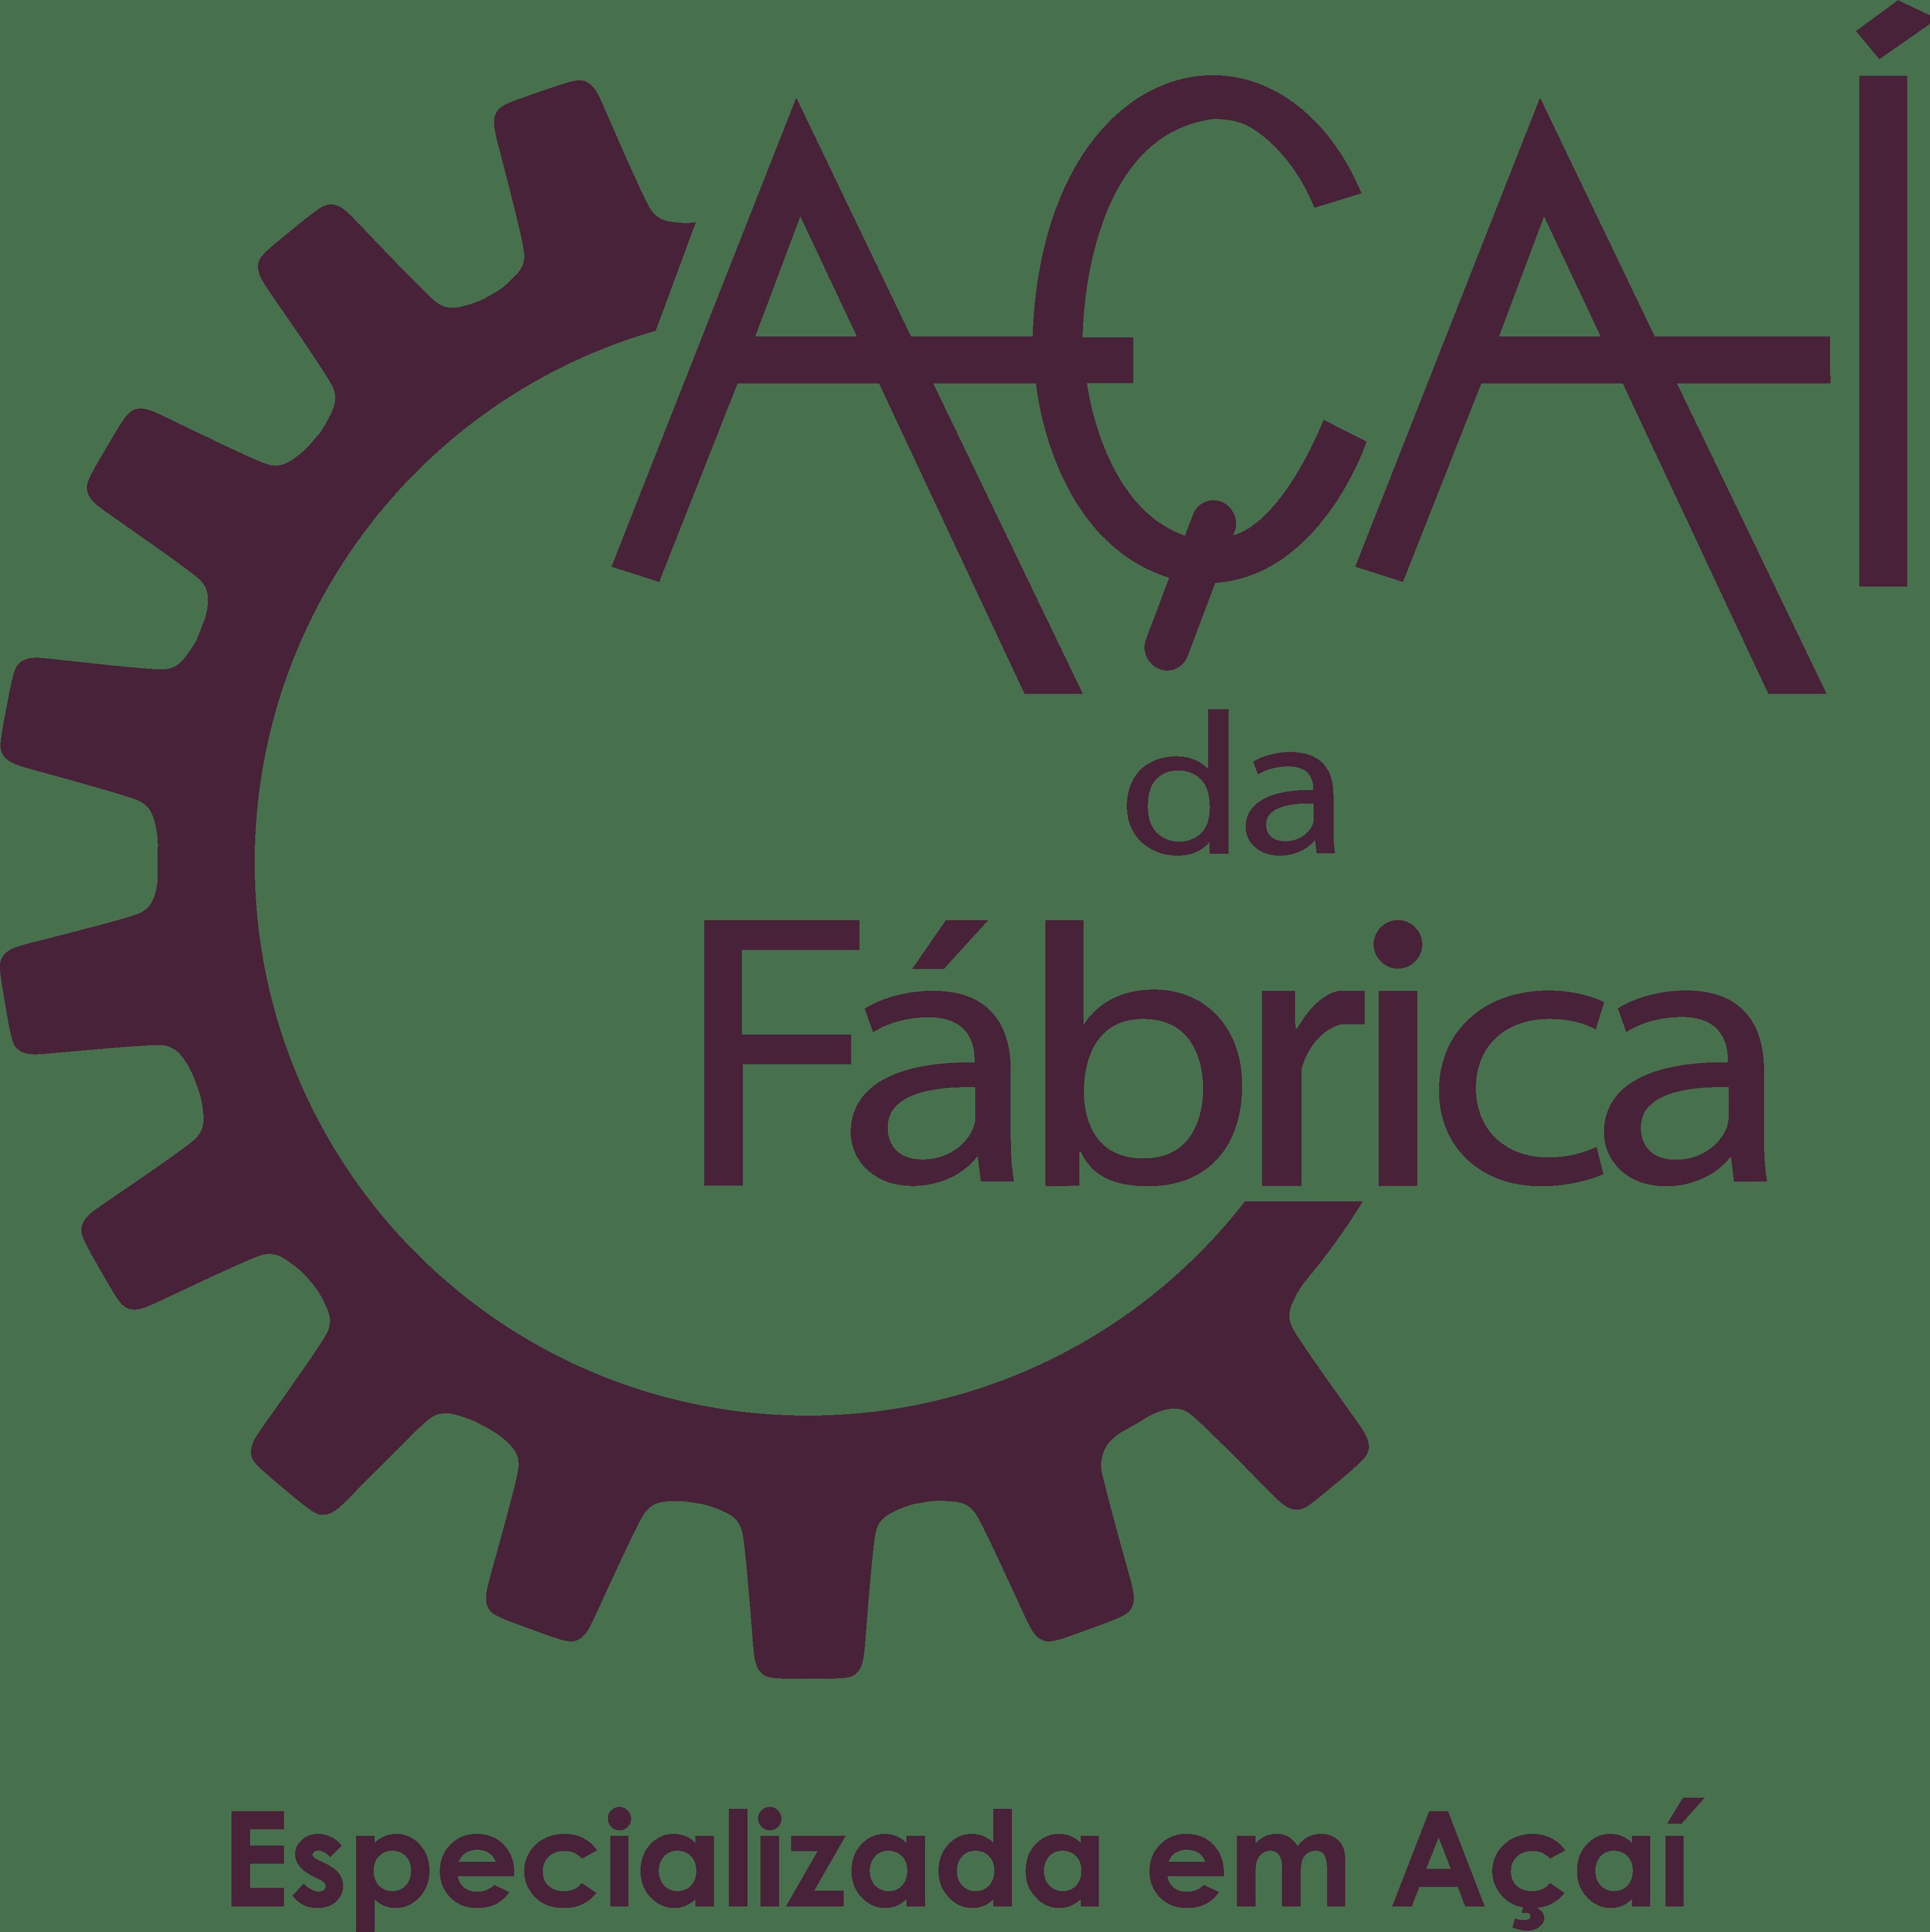 816cd4c0e Loja online de Açaí da Fábrica